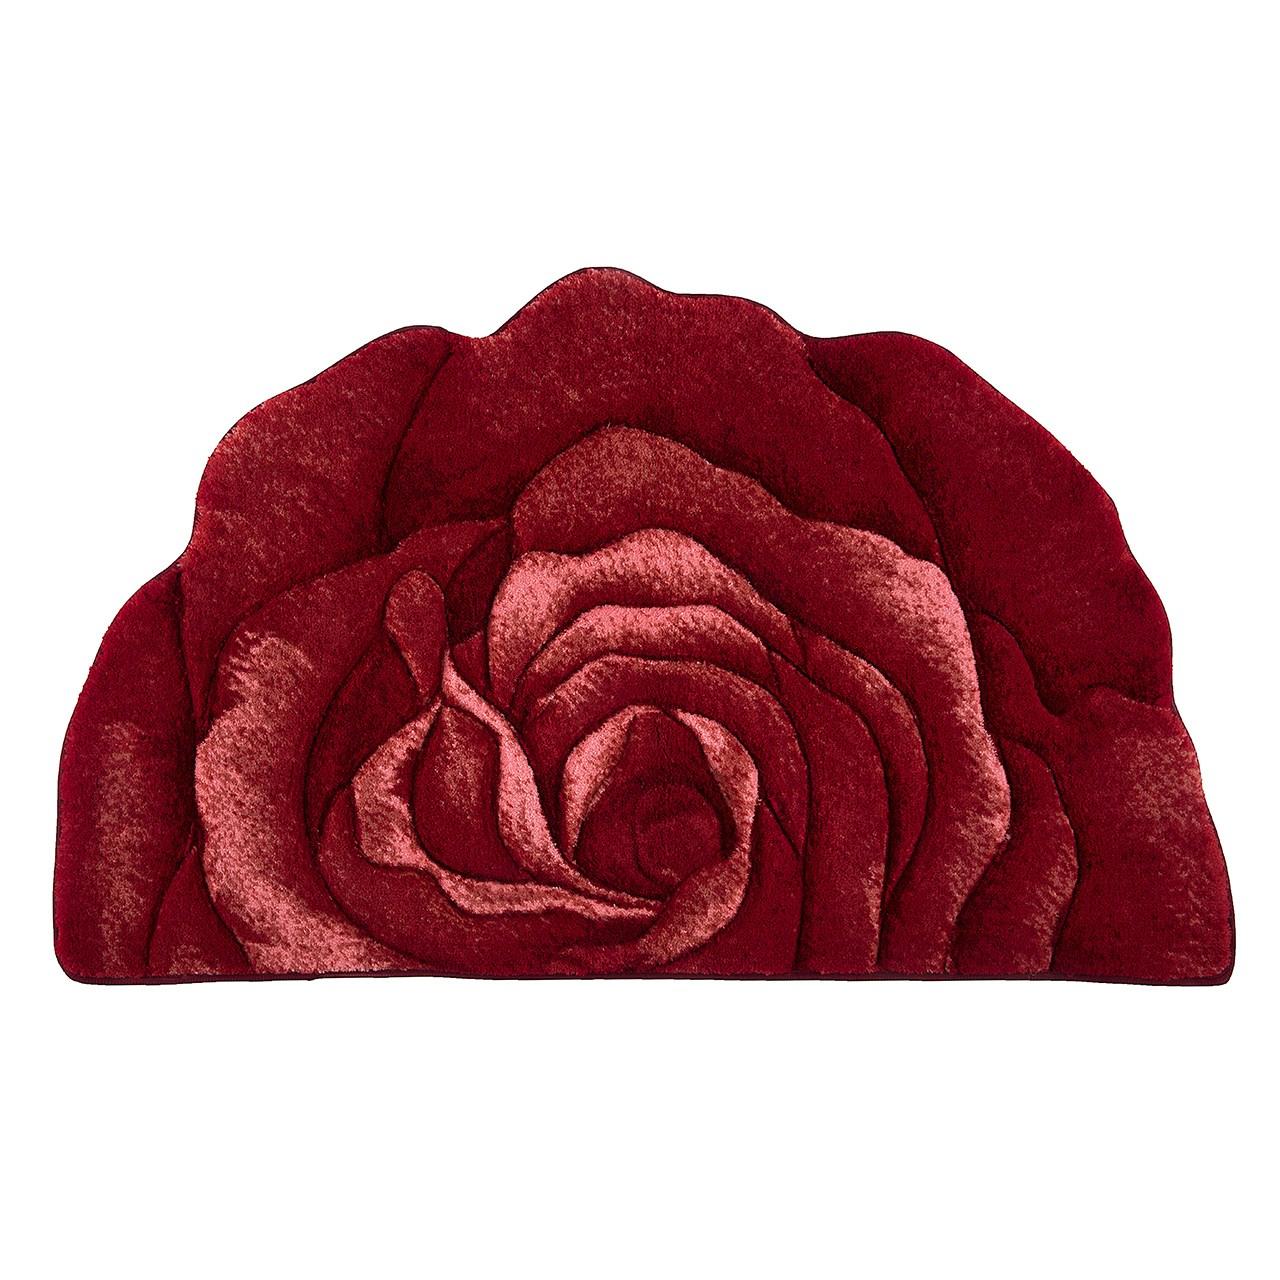 فرش تزیینی زرباف مدل گل رز سه بعدی سایز 47 × 80 سانتی متر